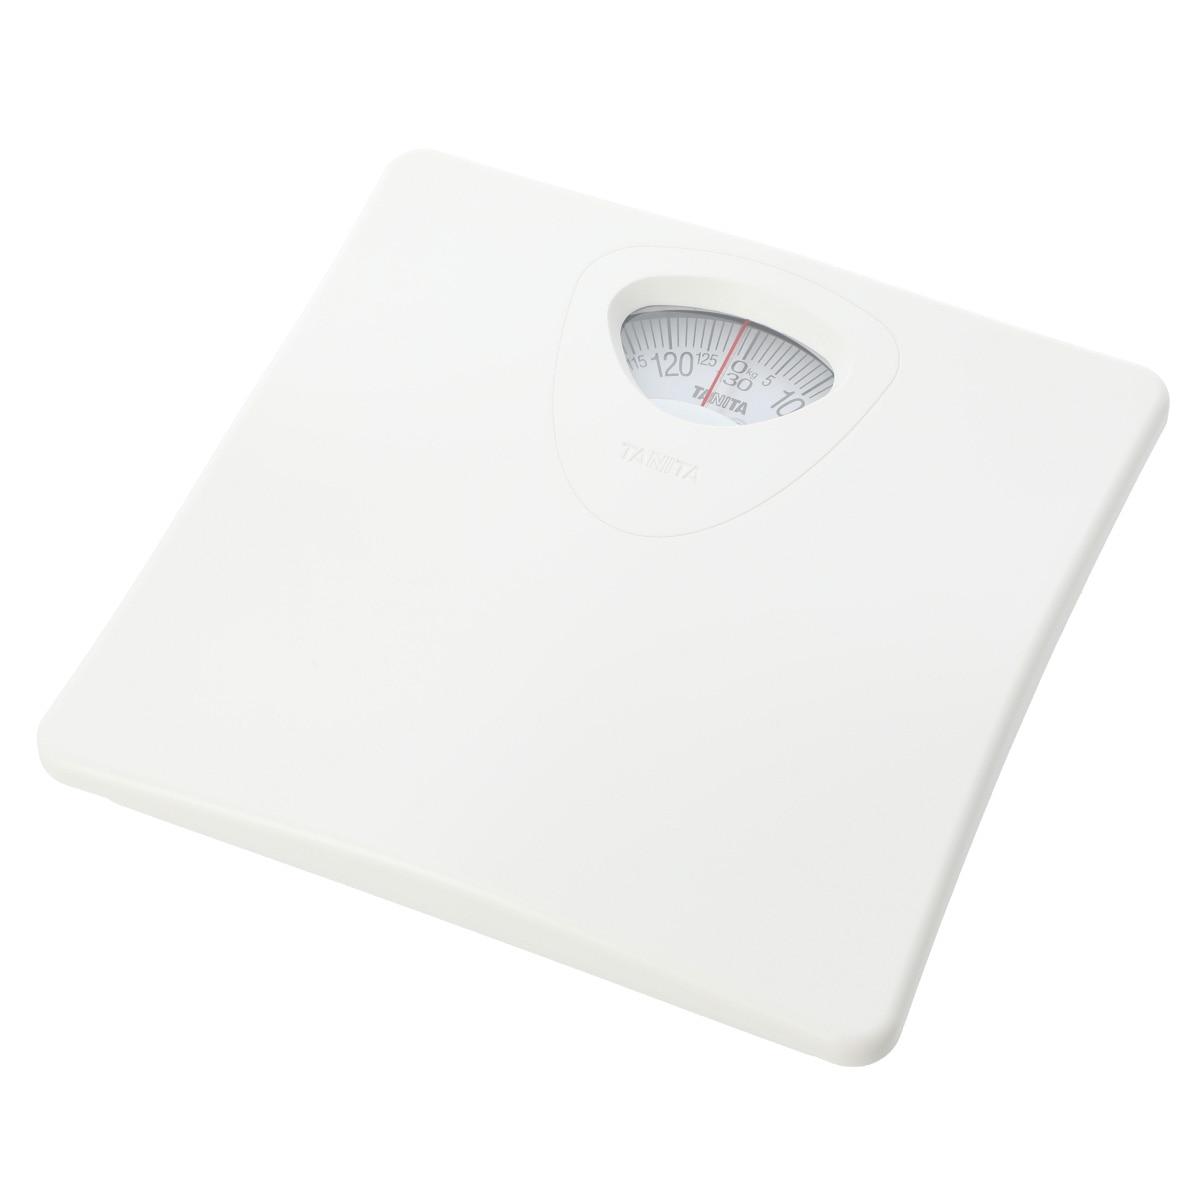 コンパクトで低価格なアナログ体重計のおすすめは?選び方も解説!のサムネイル画像